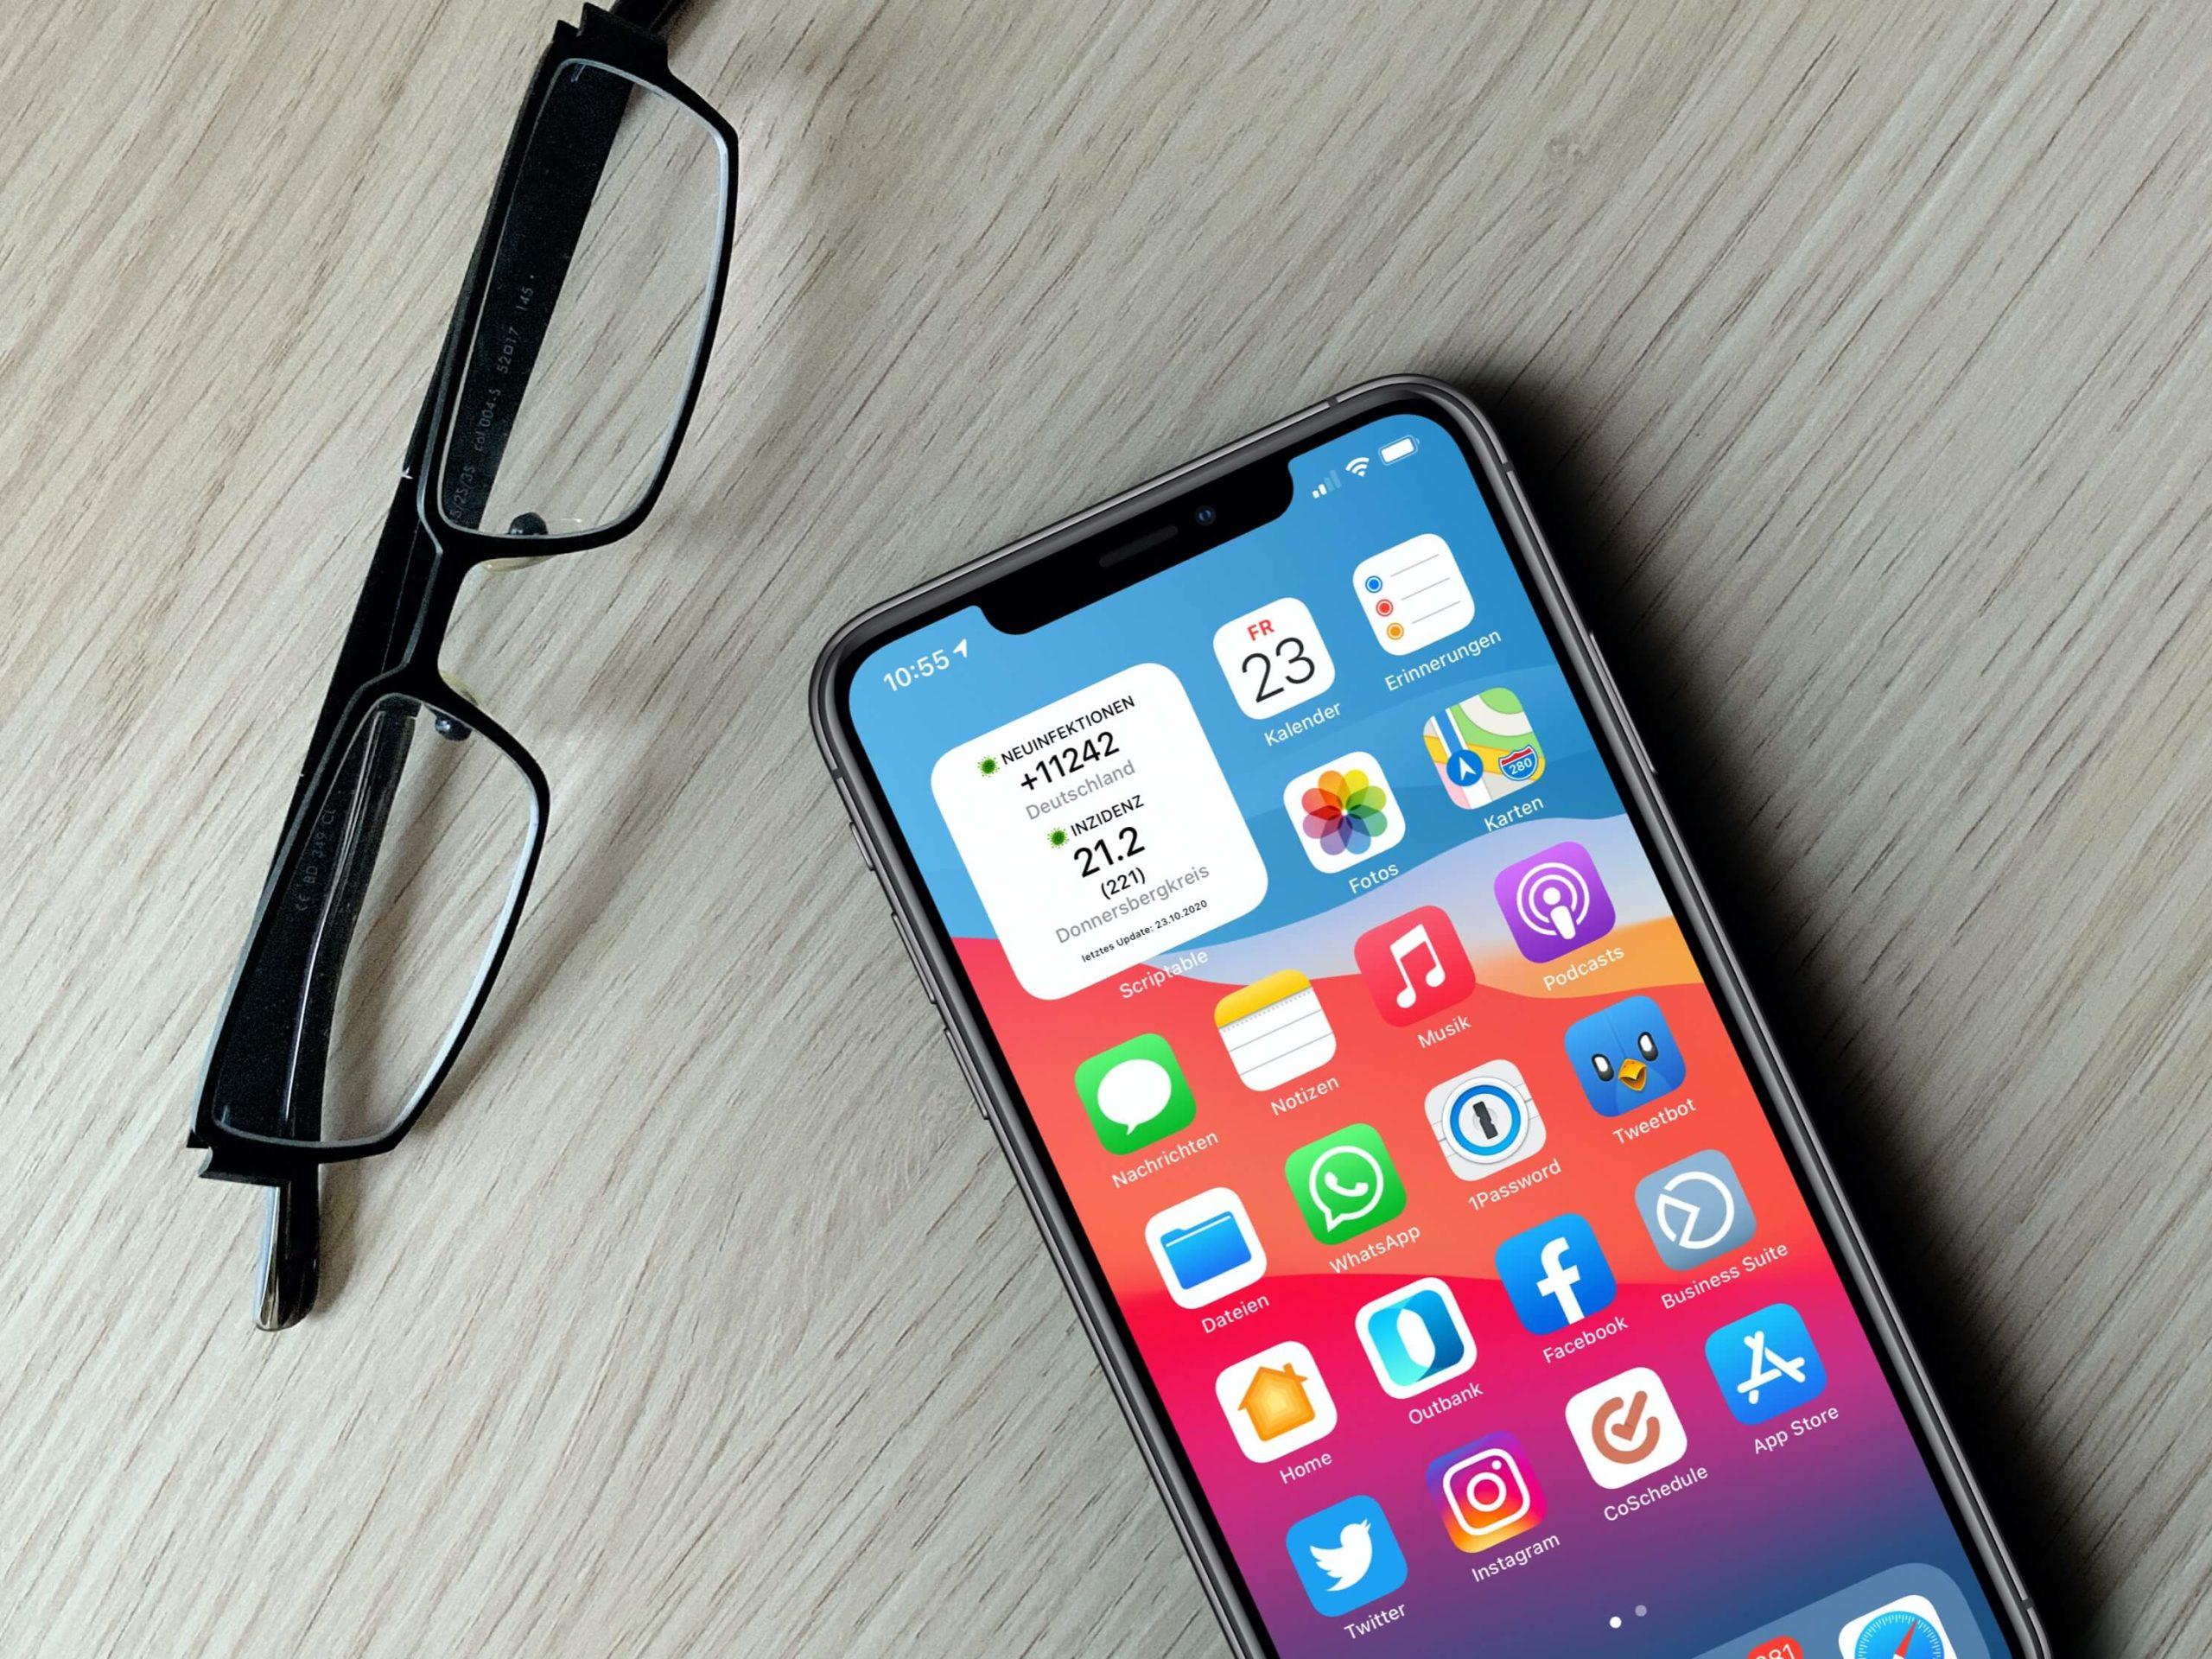 RKI-Zahlen-der-Corona-Neuinfektionen-als-Widget-fuer-iPhone-und-iPad1-scaled RKI-Zahlen der Corona-Neuinfektionen als Widget für iPhone und iPad